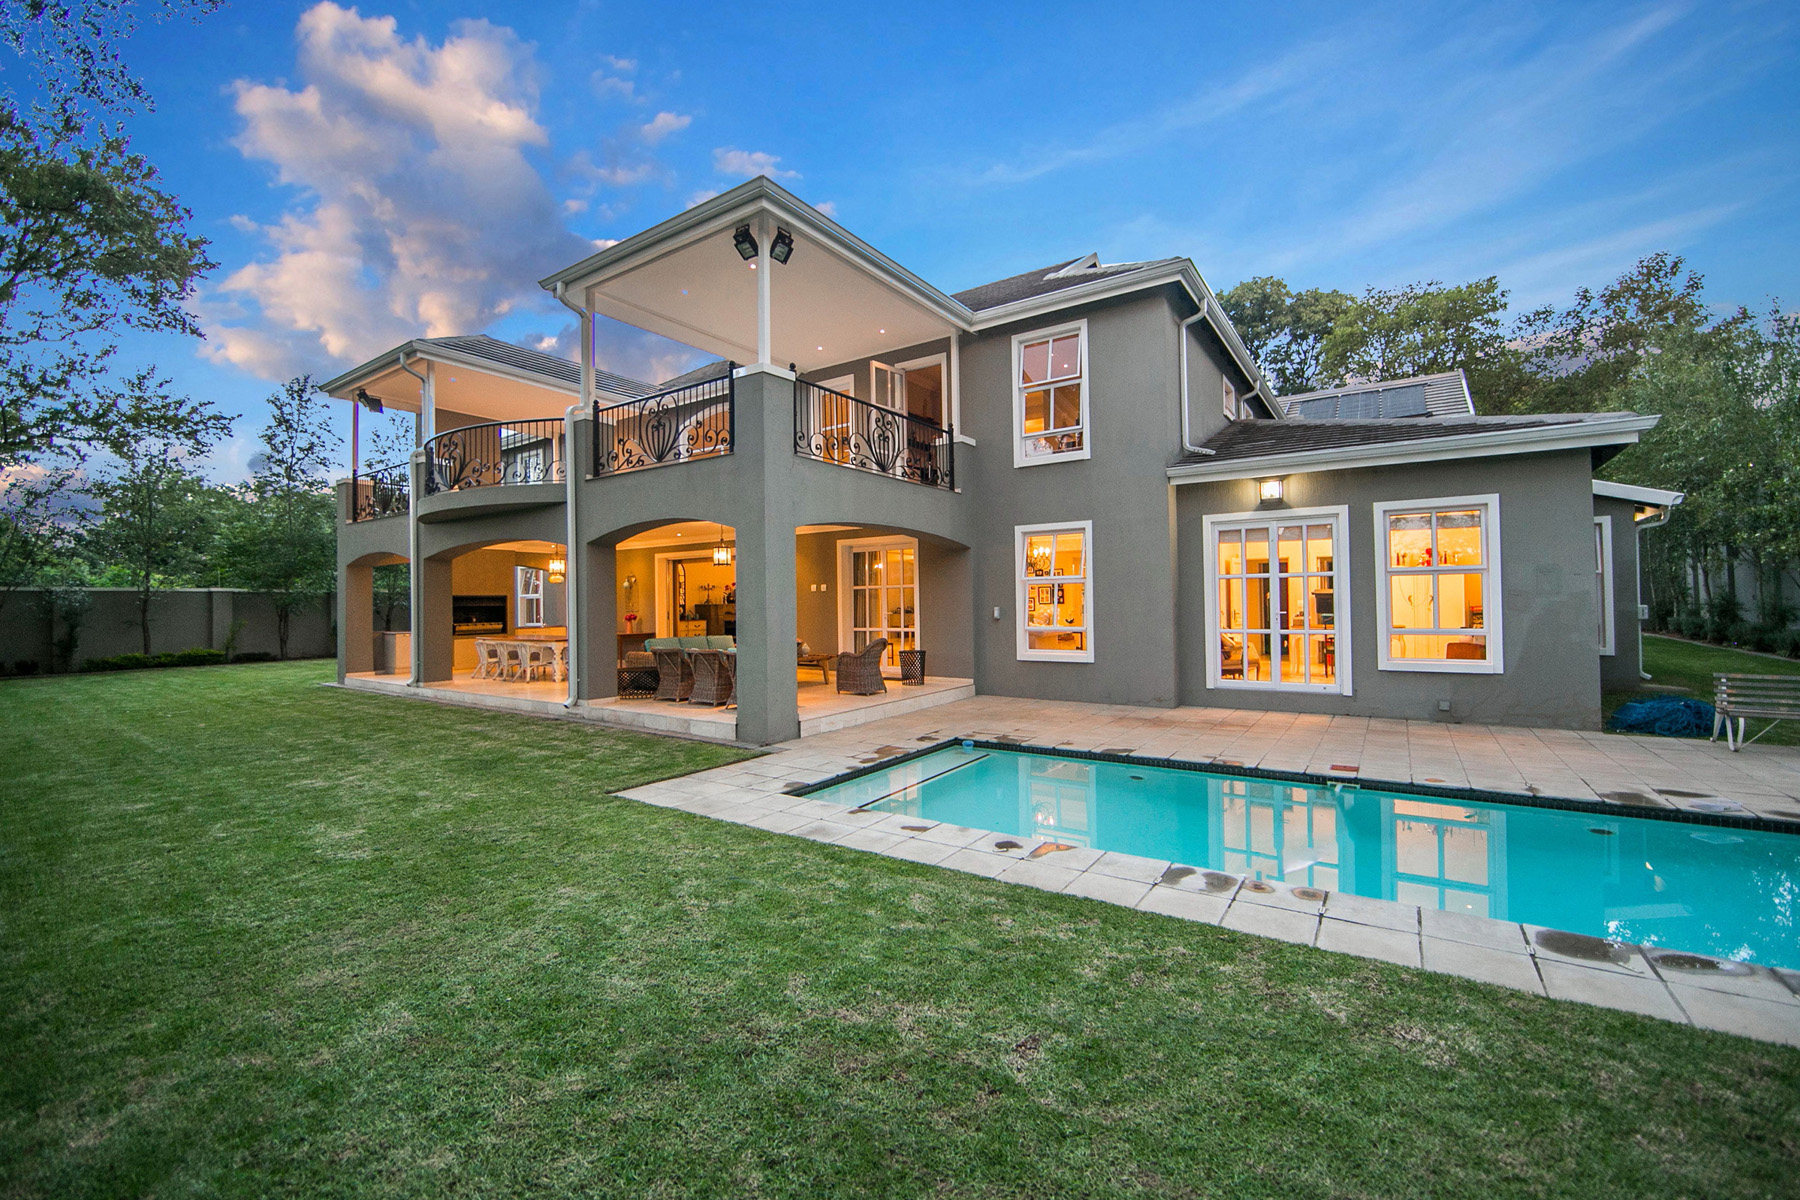 Villa per Vendita alle ore Illovo Illovo, Johannesburg, Gauteng Sudafrica